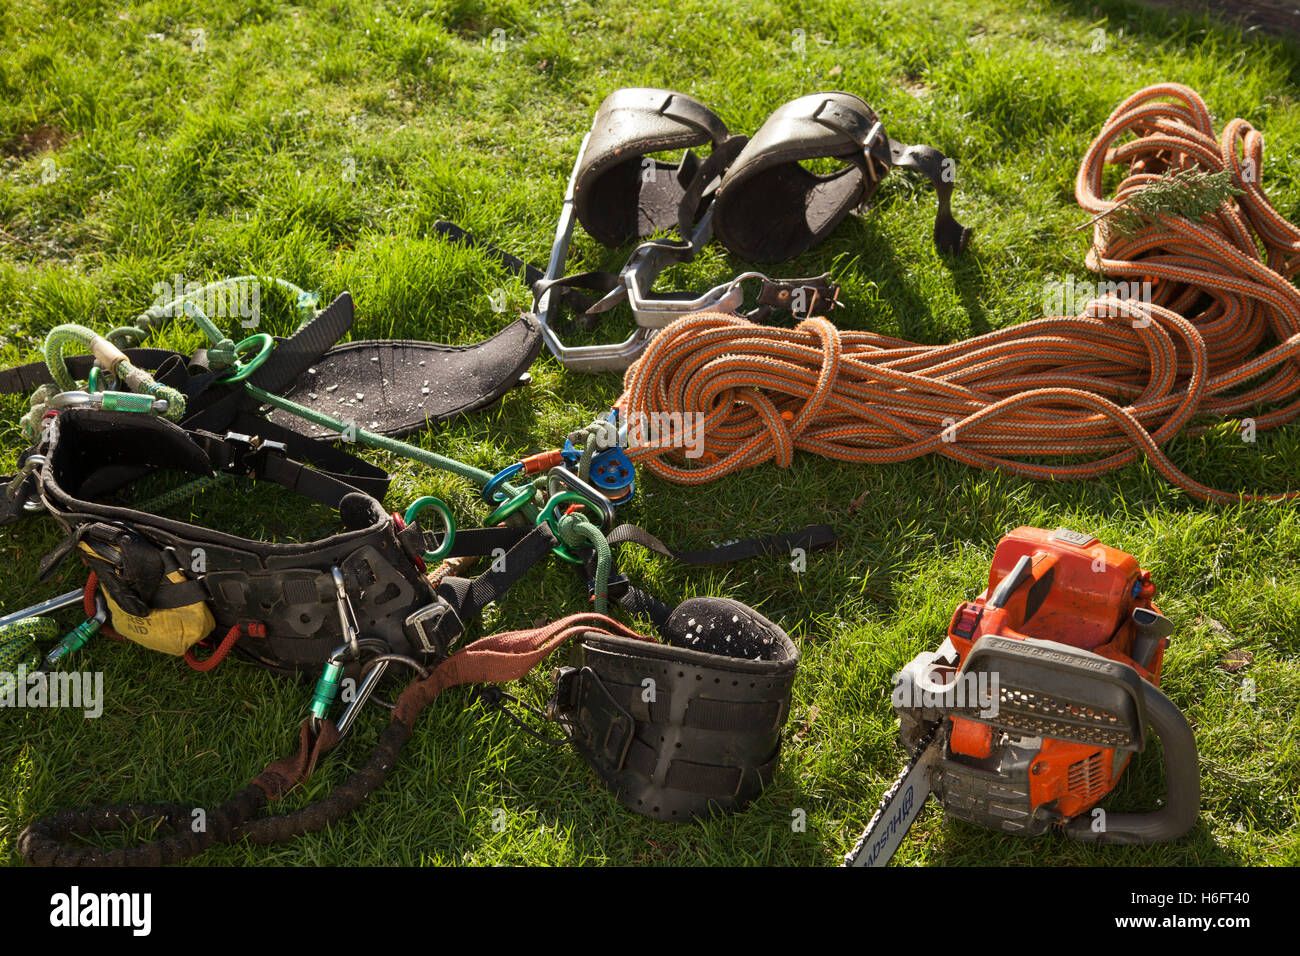 Klettergurt Ausrüstung : Baum chirurgen ausrüstung klettern klettergurt seil kettensäge